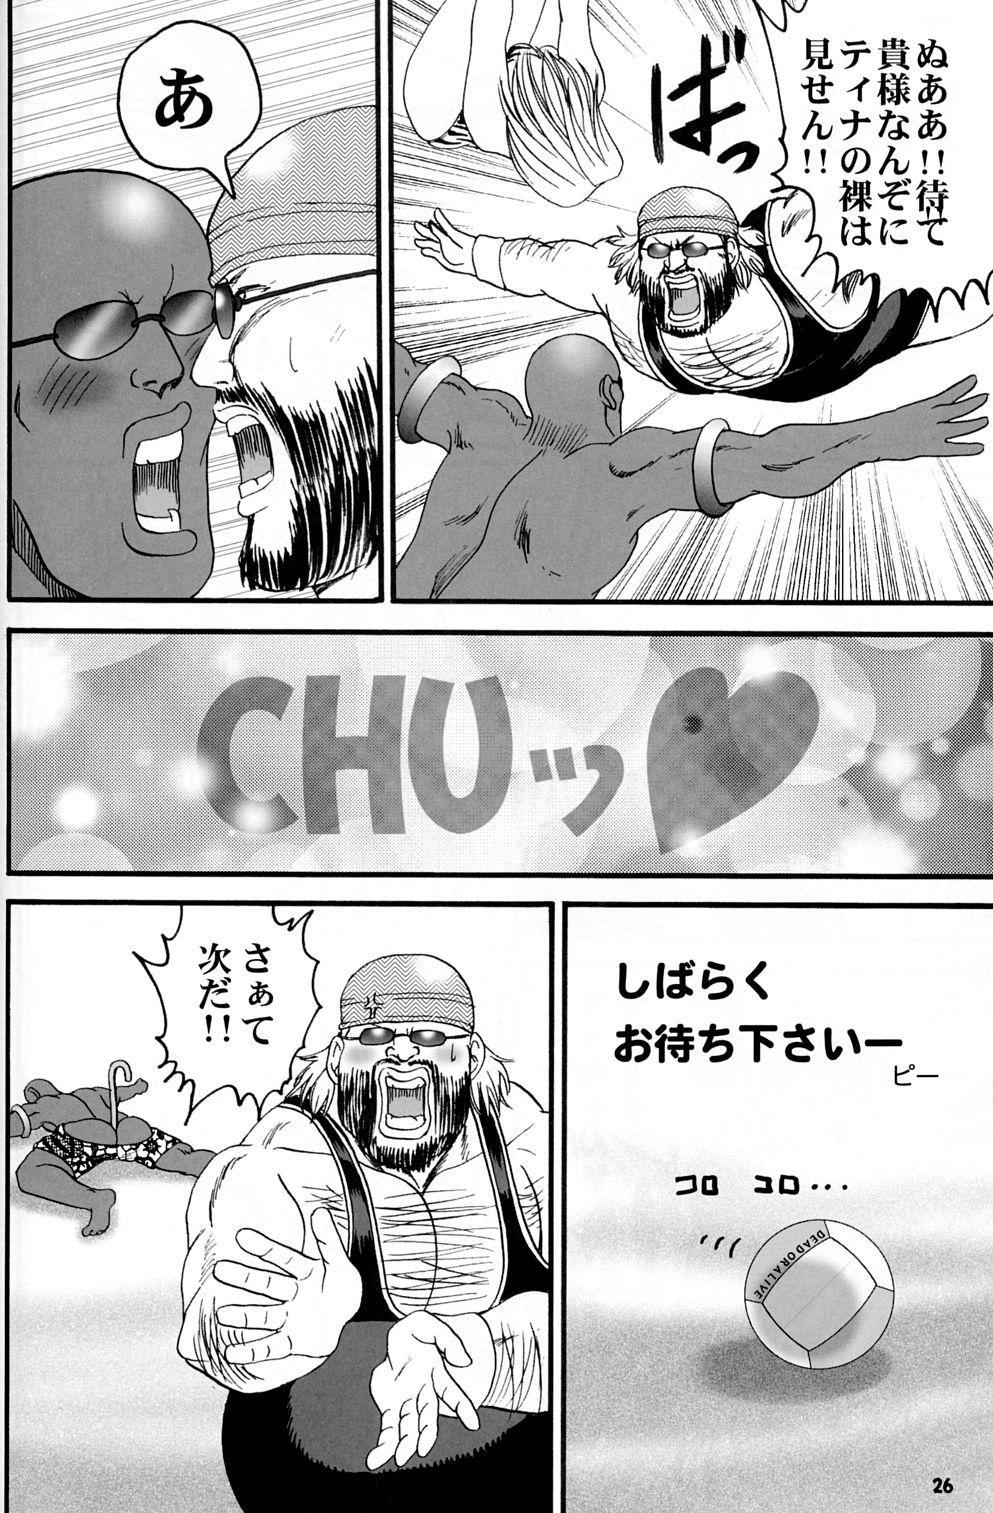 Gokujou desu yo! - It's XTREME! 24